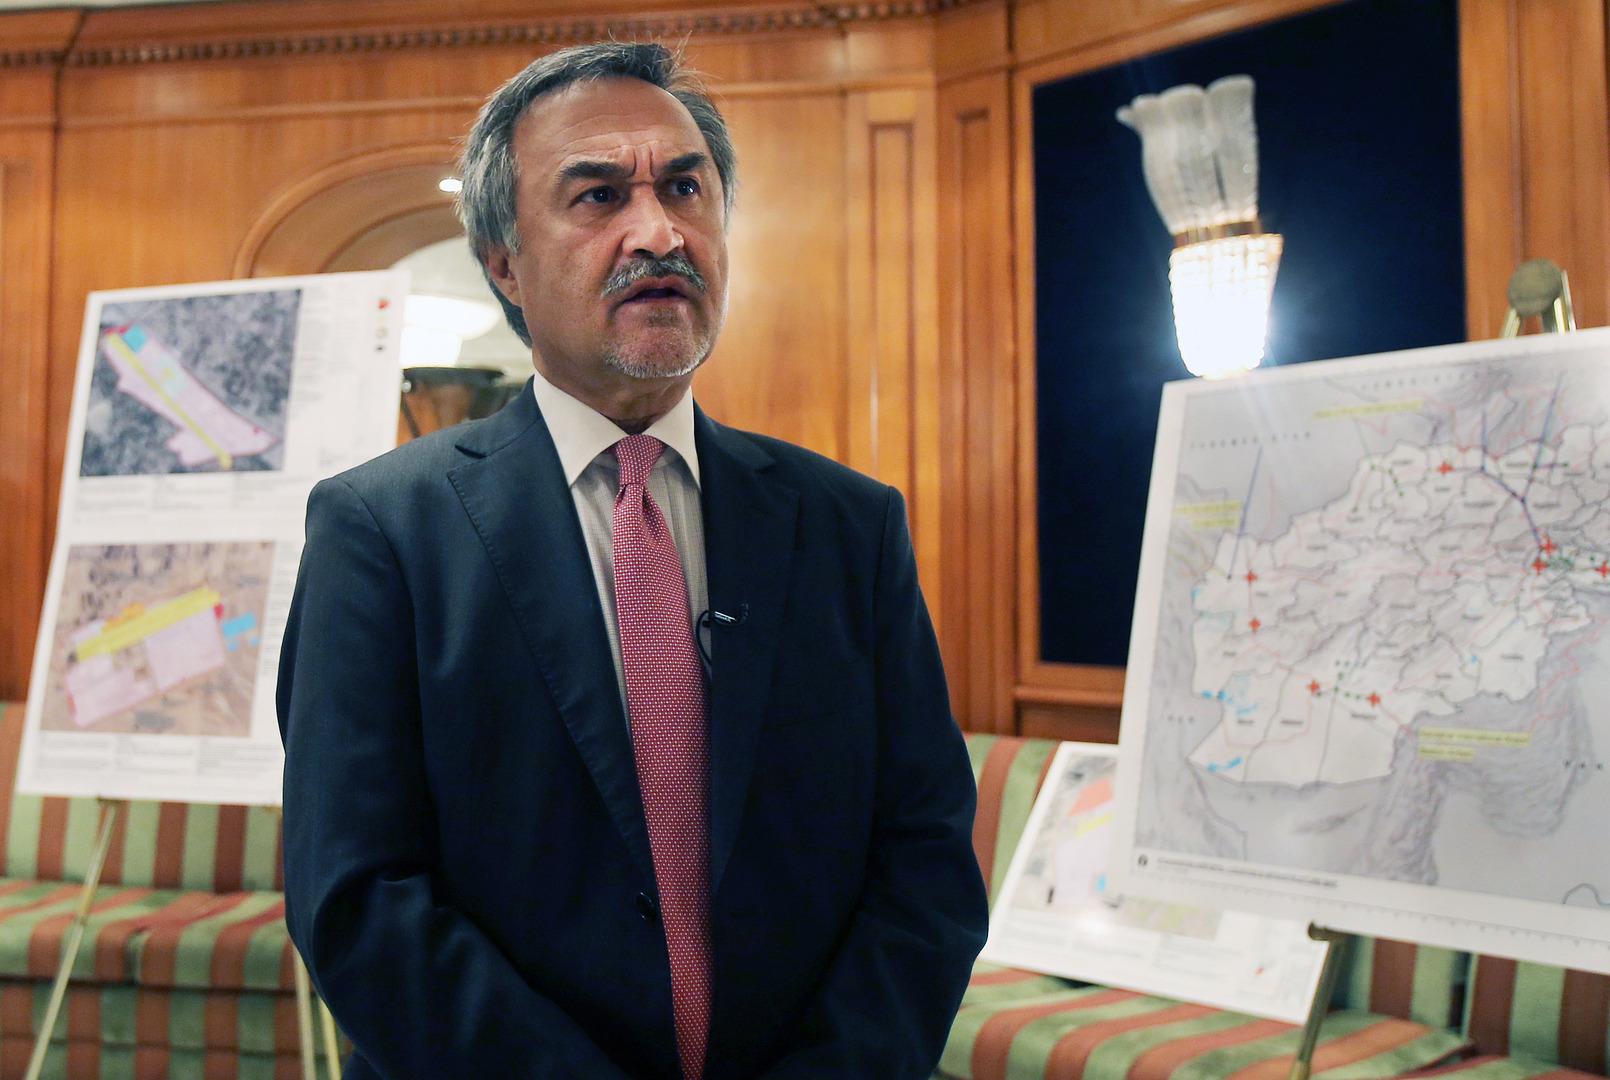 عمدة كابل الذي رفض مغادرة أفغانستان: أنا لست منخرطا في سياسة